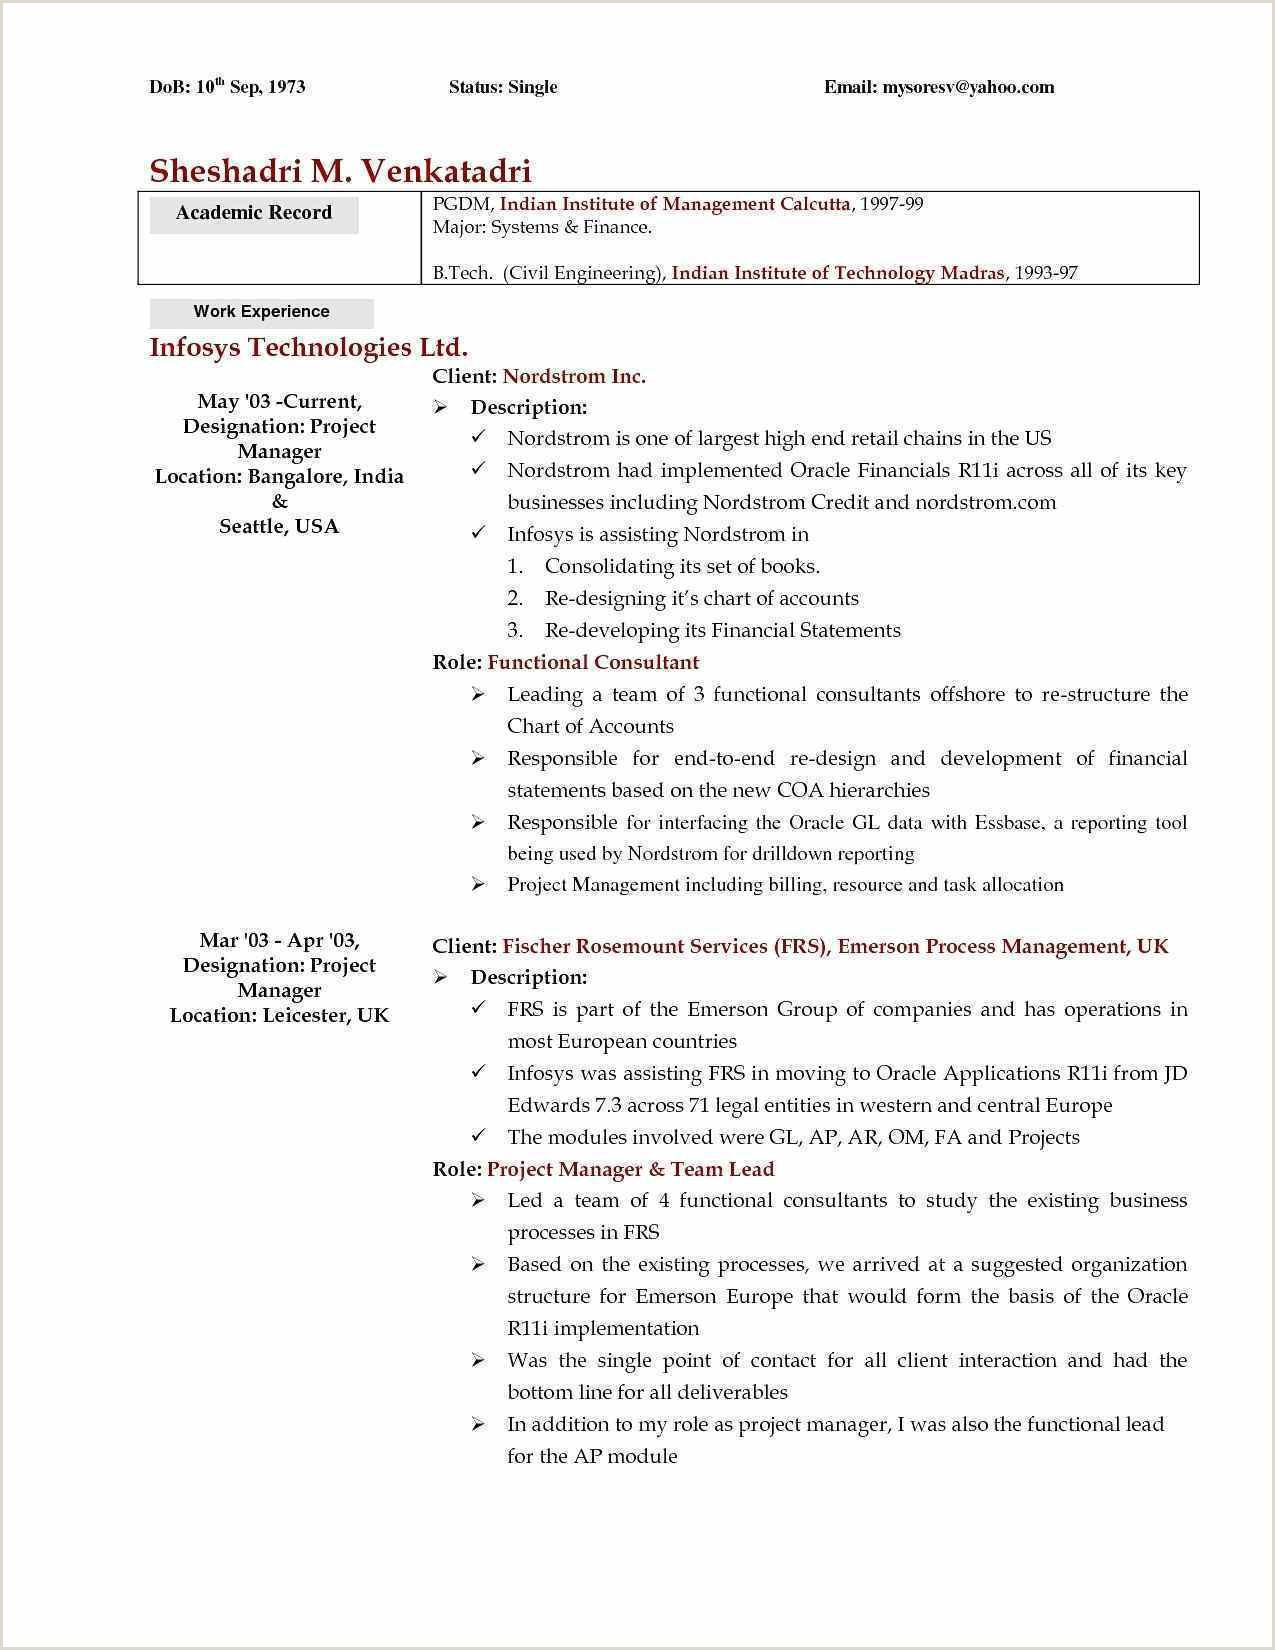 Cv Sample For Nursing Job Nursing Faculty Cover Letter Fresh Sample Nursing Cover